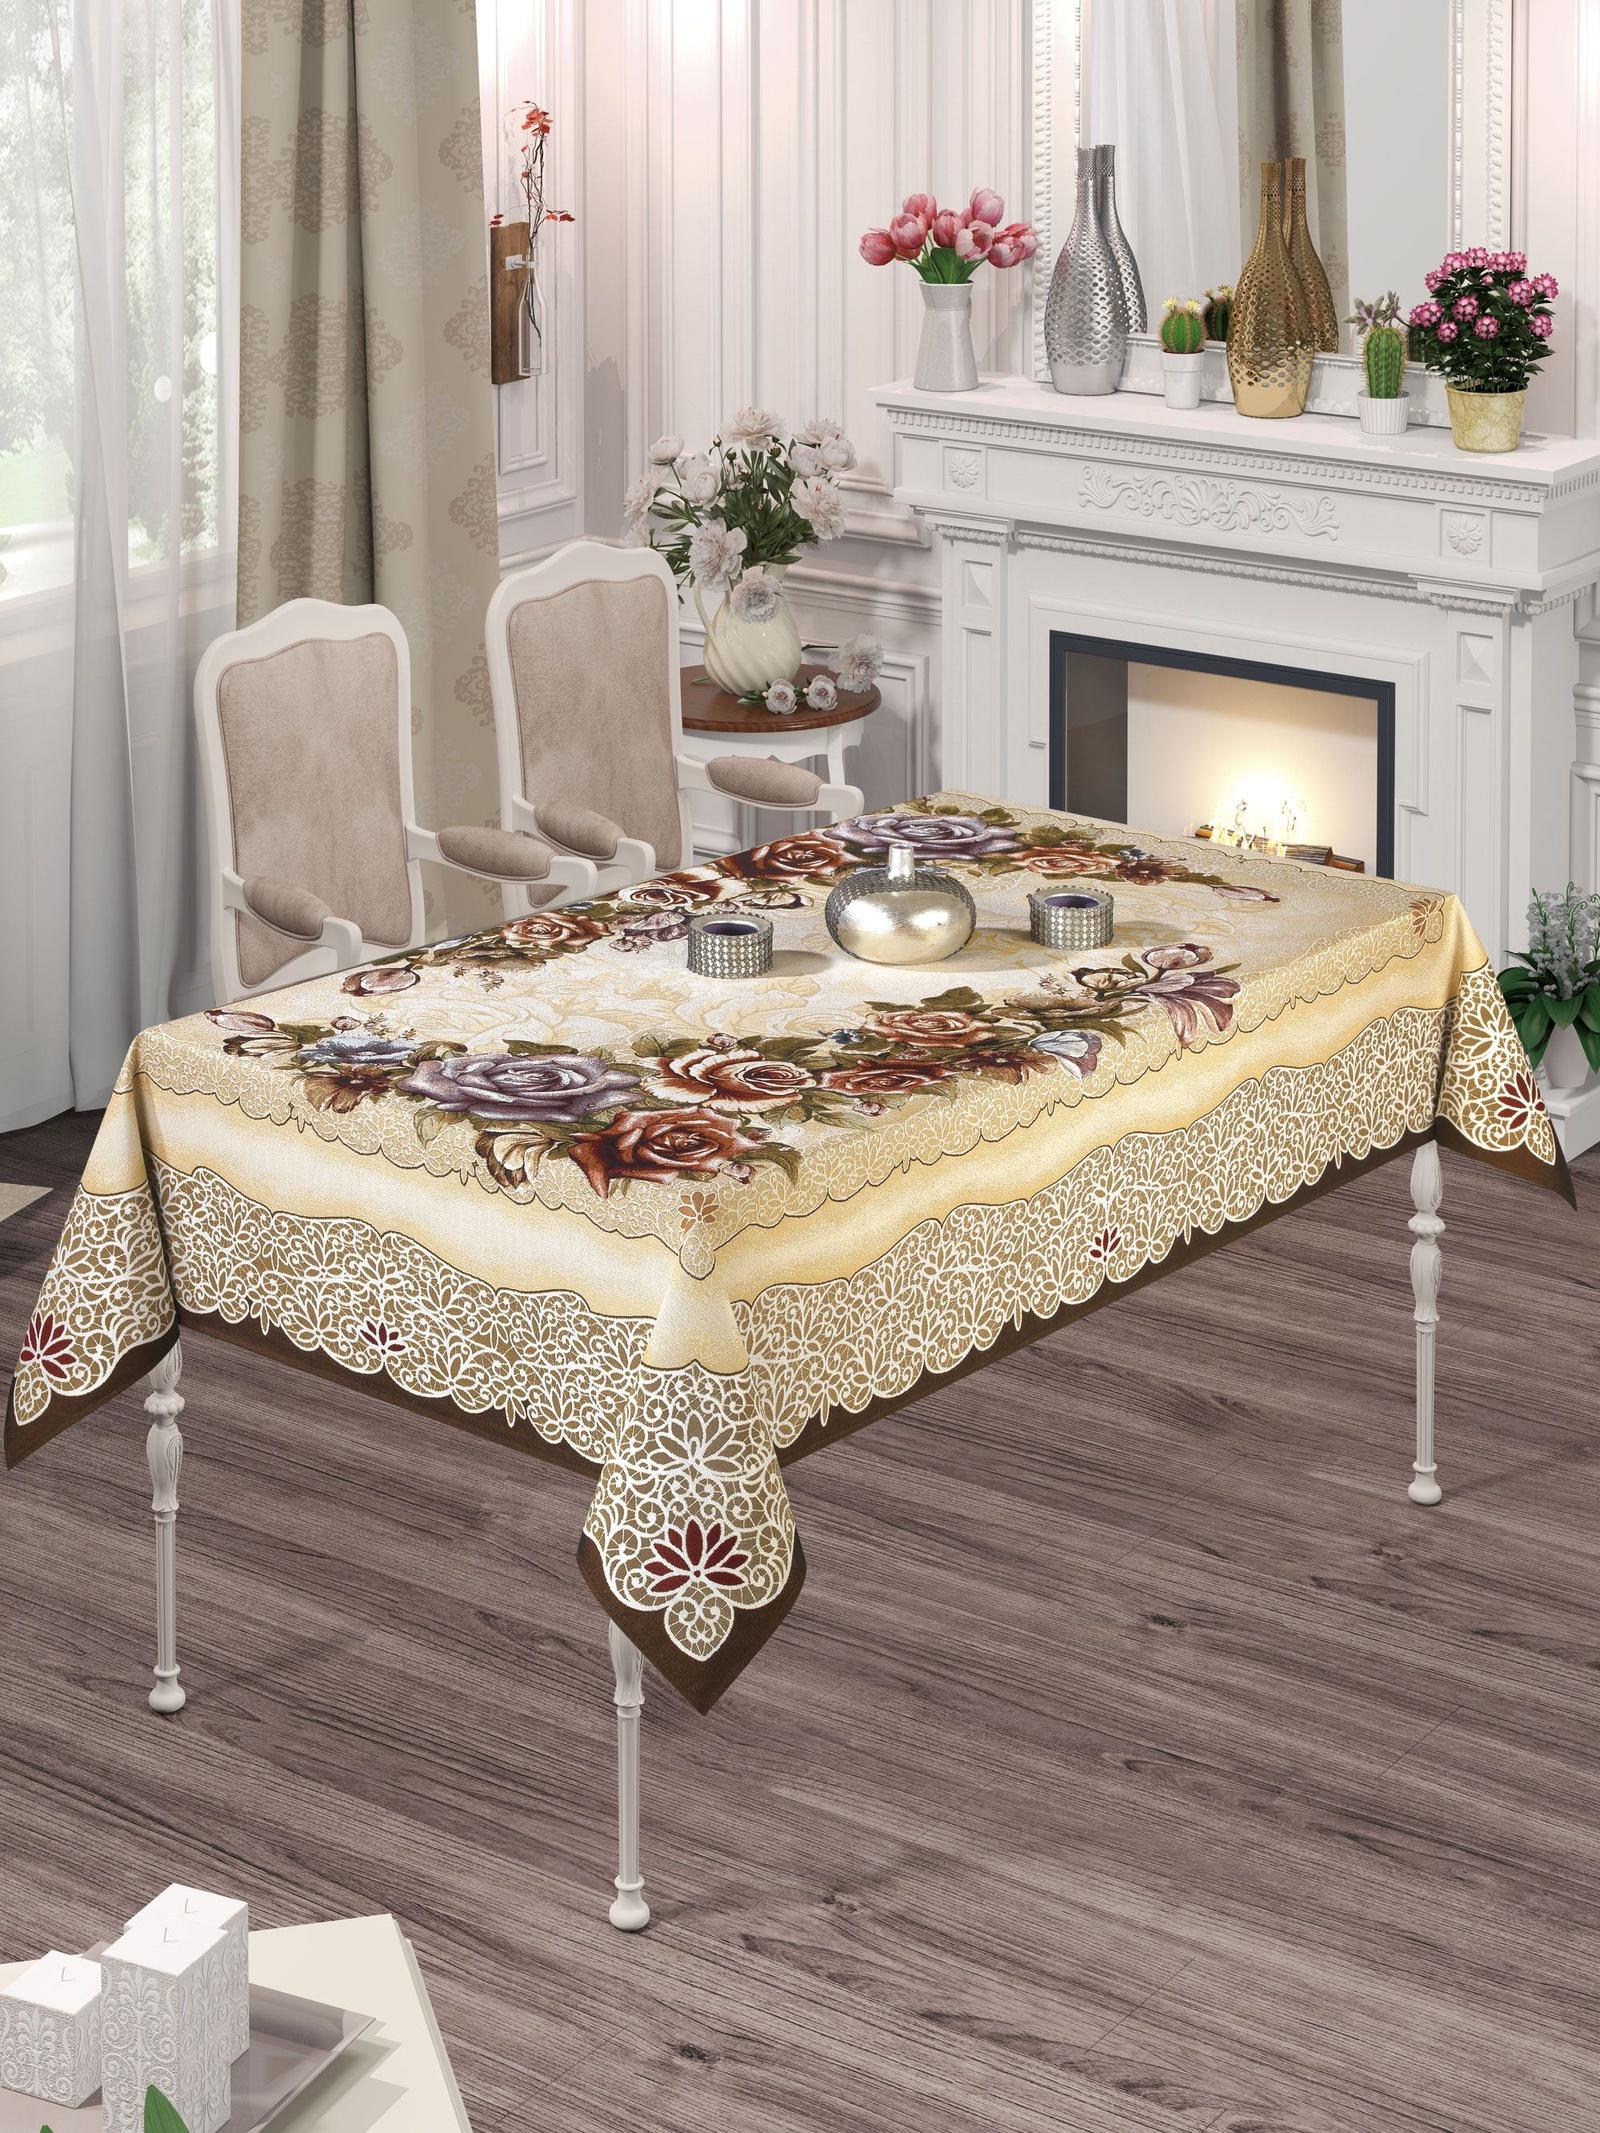 Скатерть DO&CO Rozelina Lux, 9235, бежевый, светло-коричневый, 160 х 220 см